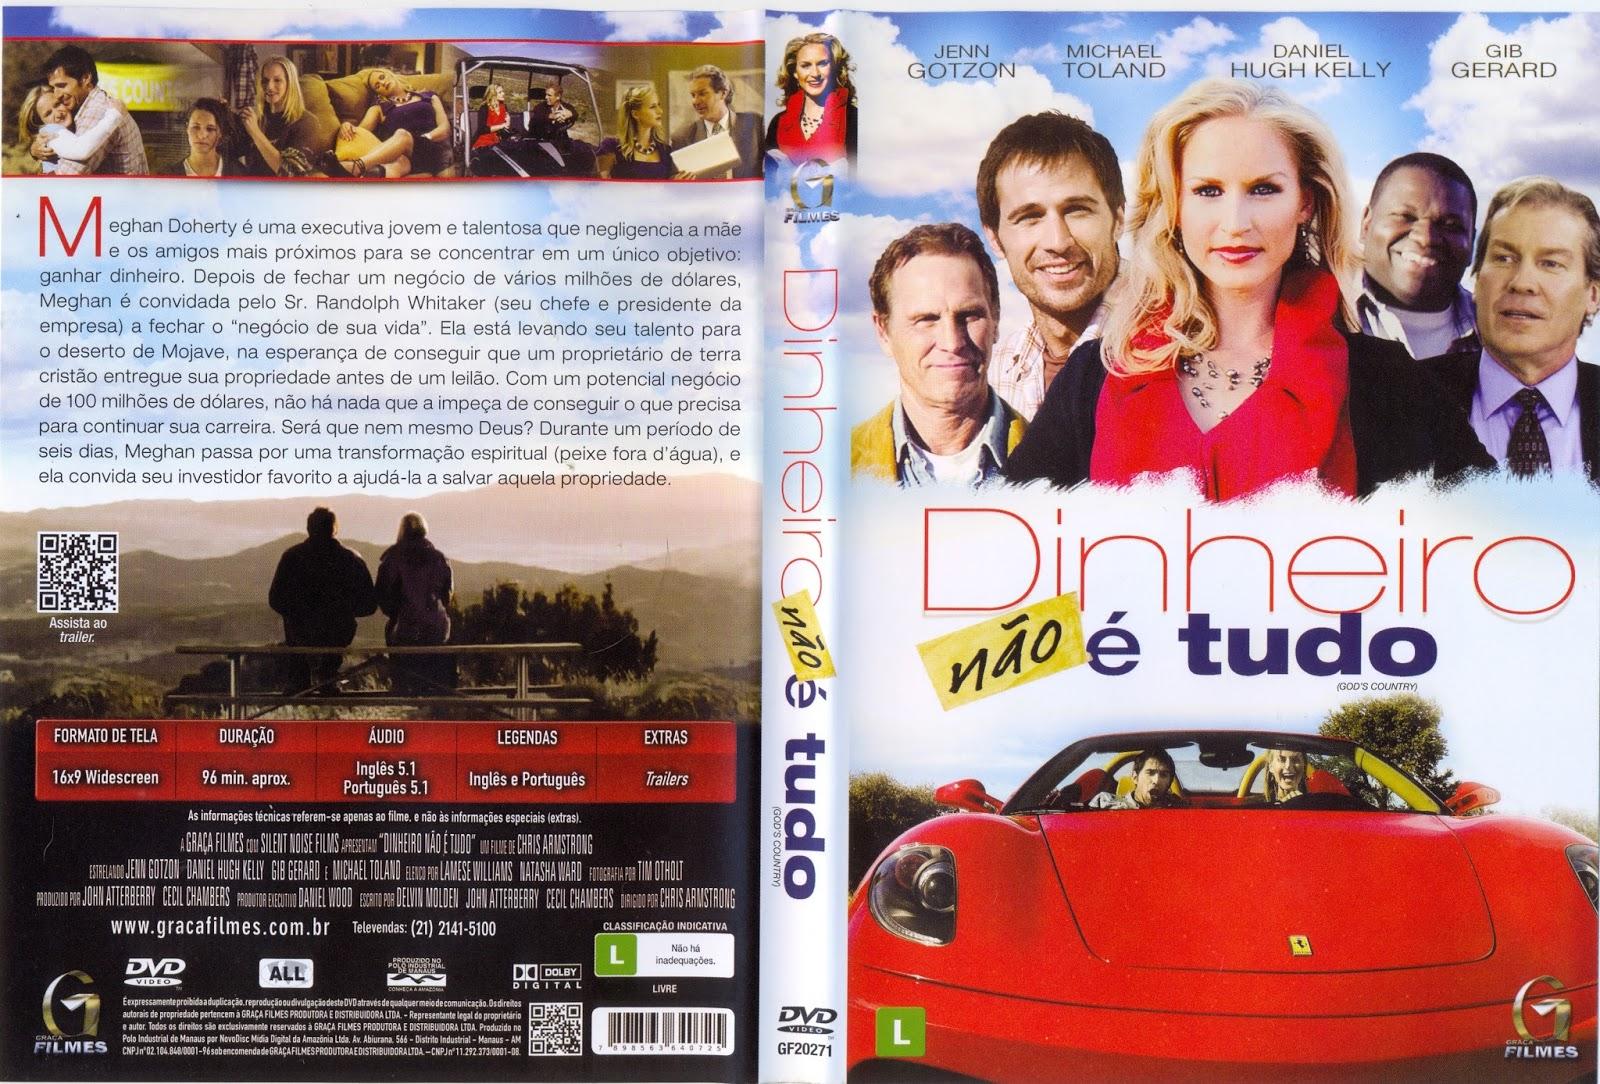 FILME ONLINE DINHEIRO NÃO É TUDO ASSISTA ONLINE AQUI